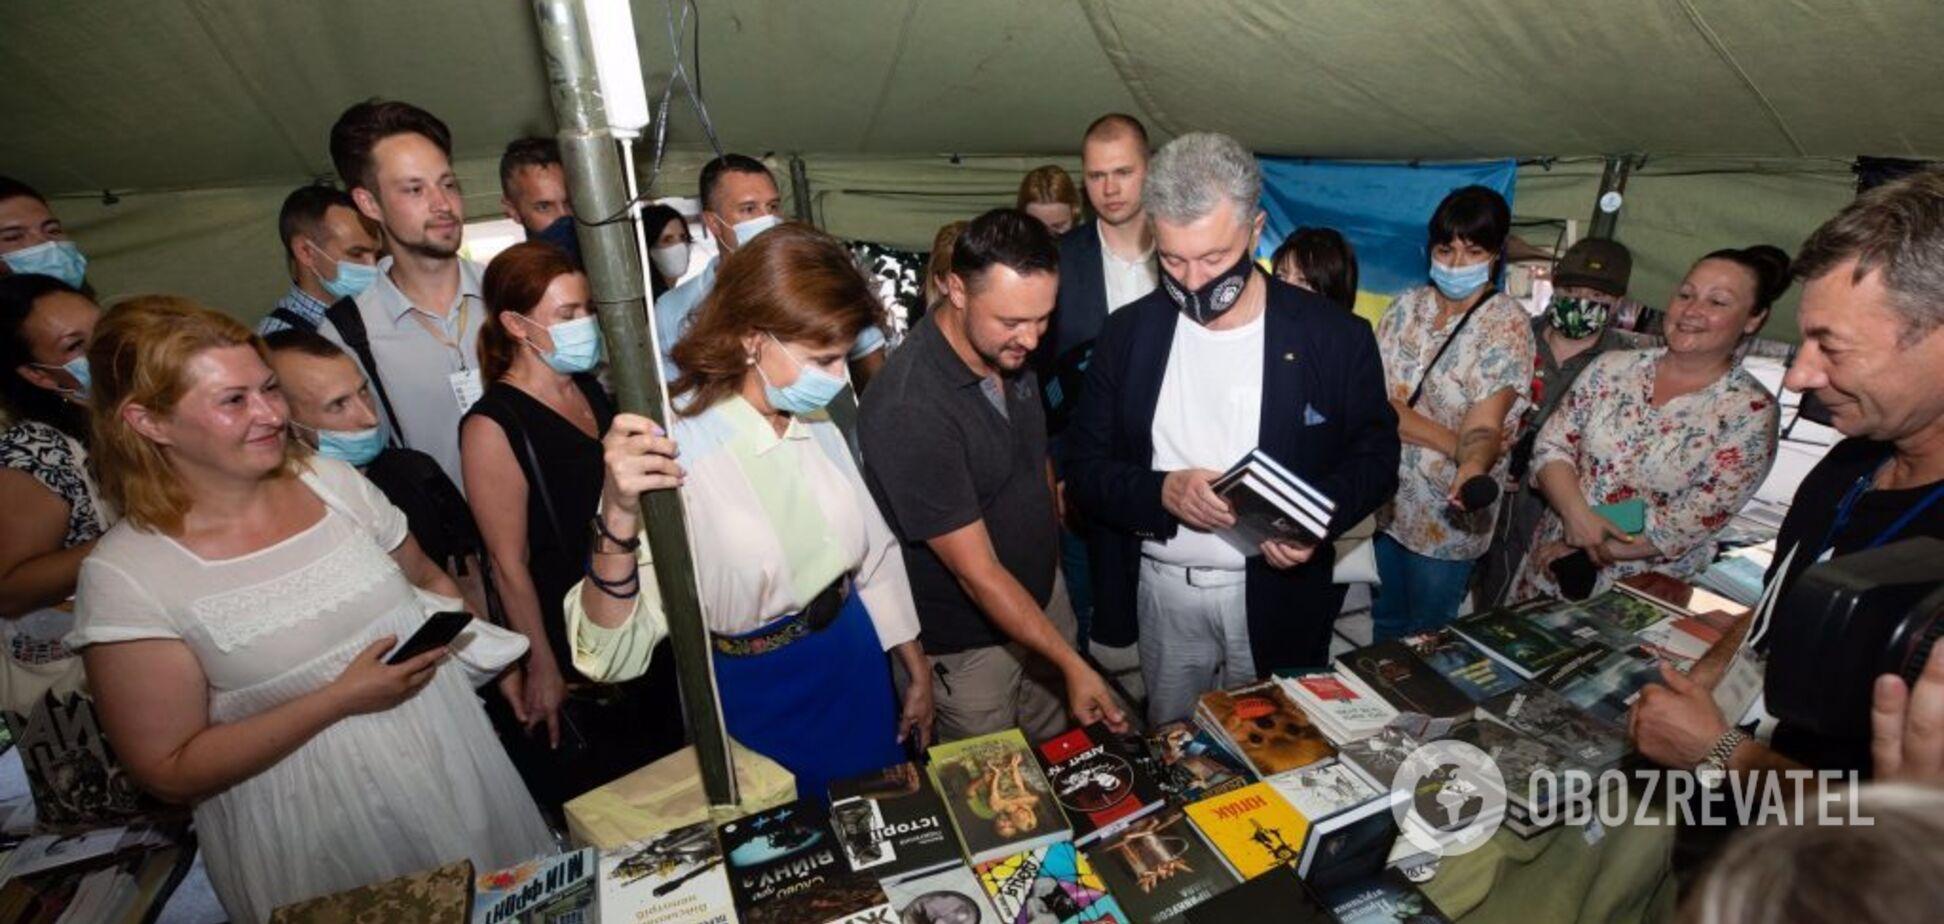 Семья Порошенко на Книжном Арсенале в первую очередь посетила ветеранскую палатку: 'Здесь точно вырастают крылья'